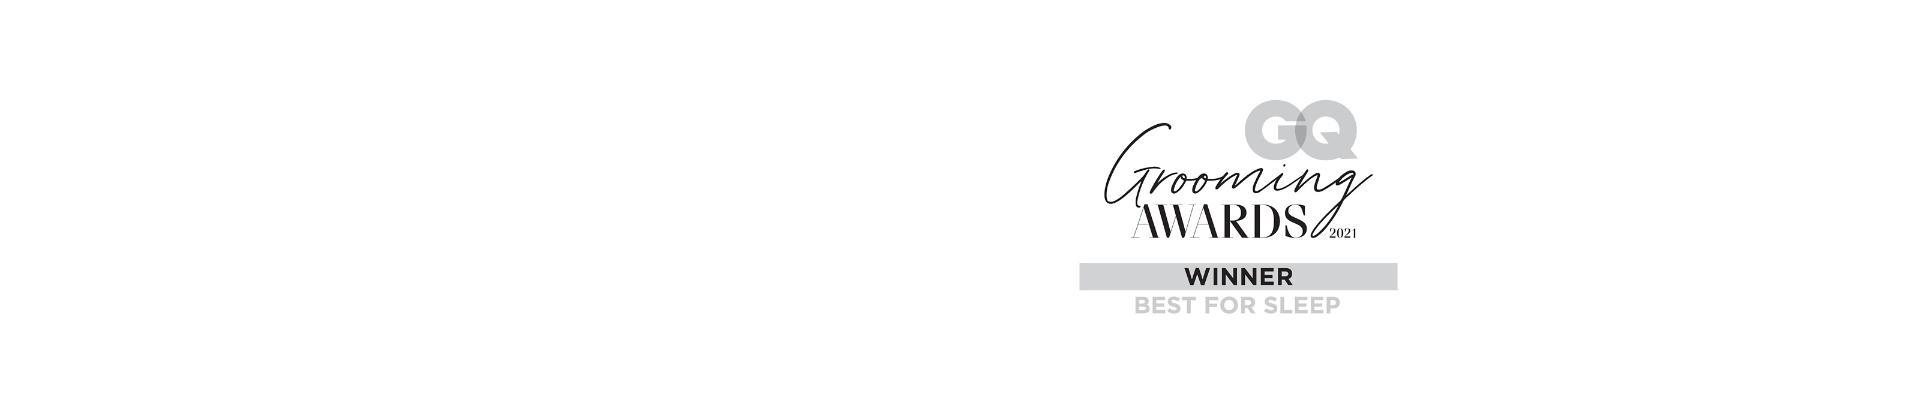 GQ Grooming awards logo – Best for sleep